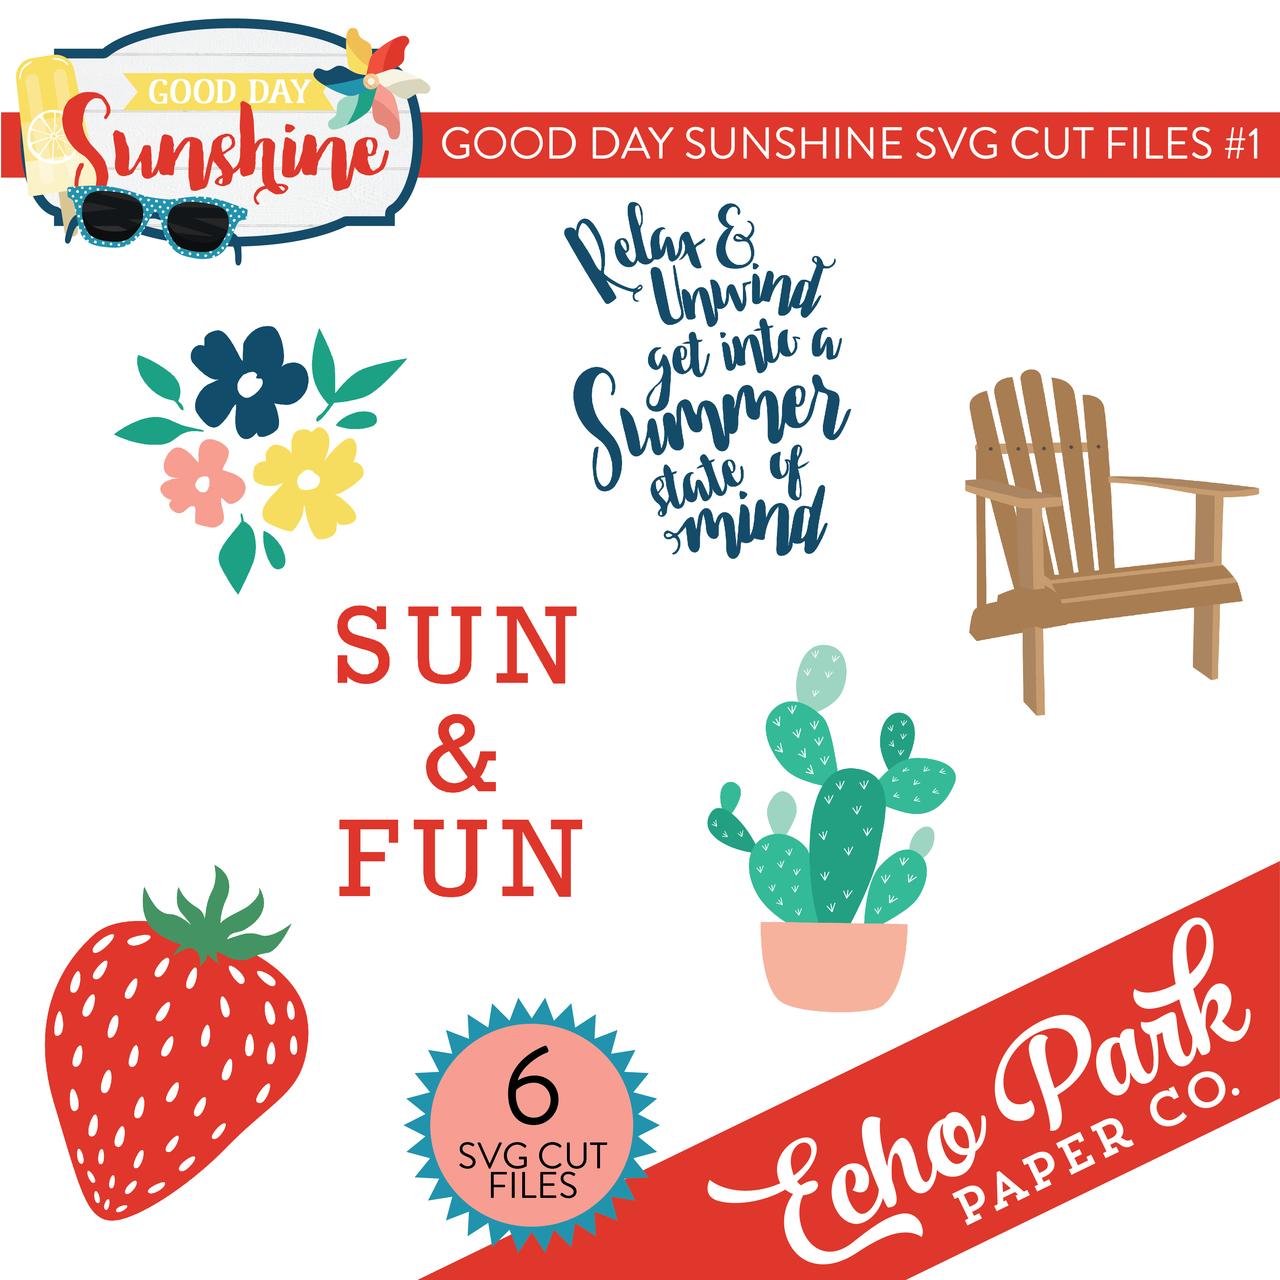 Good Day Sunshine SVG Cut Files #1